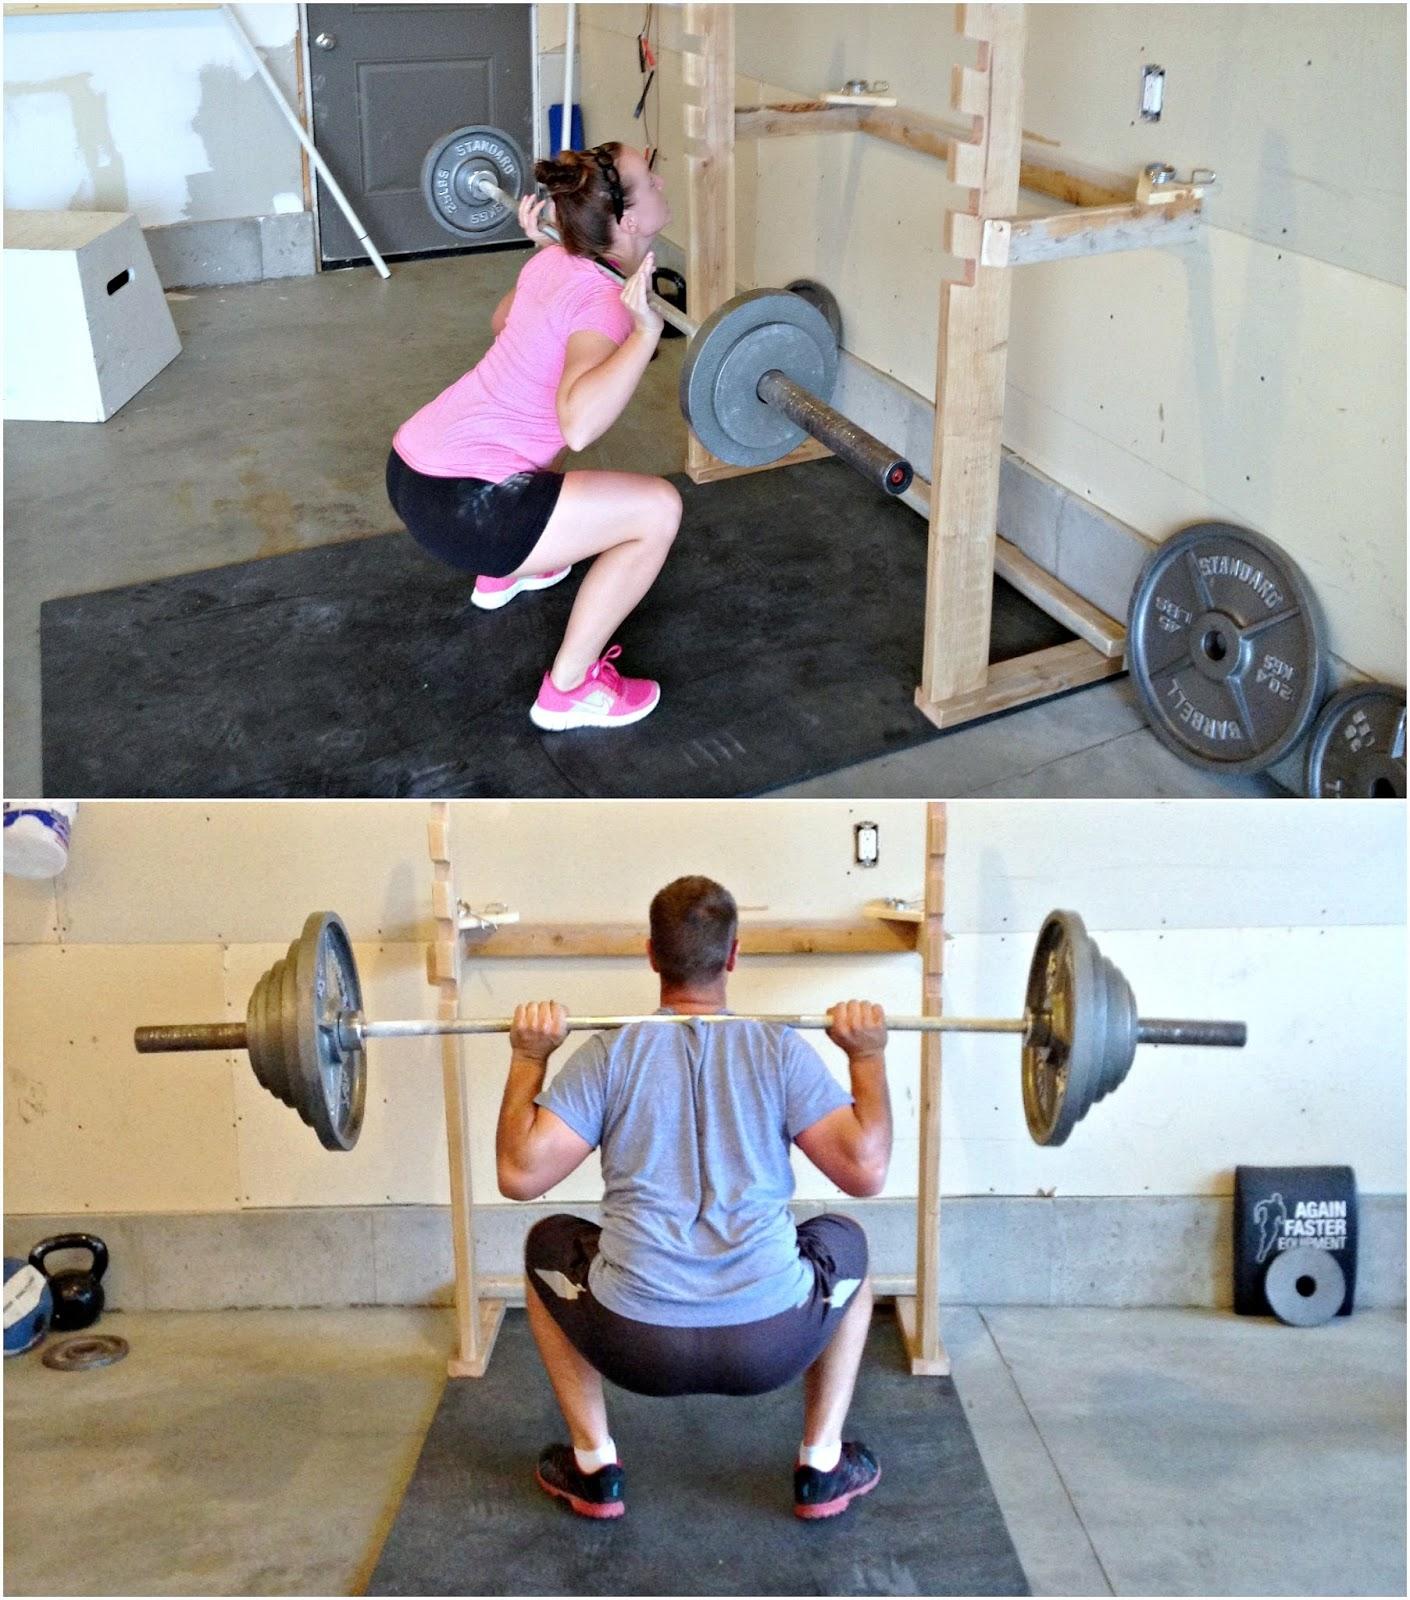 Garage gym ideas inspirational home gym photos to help you